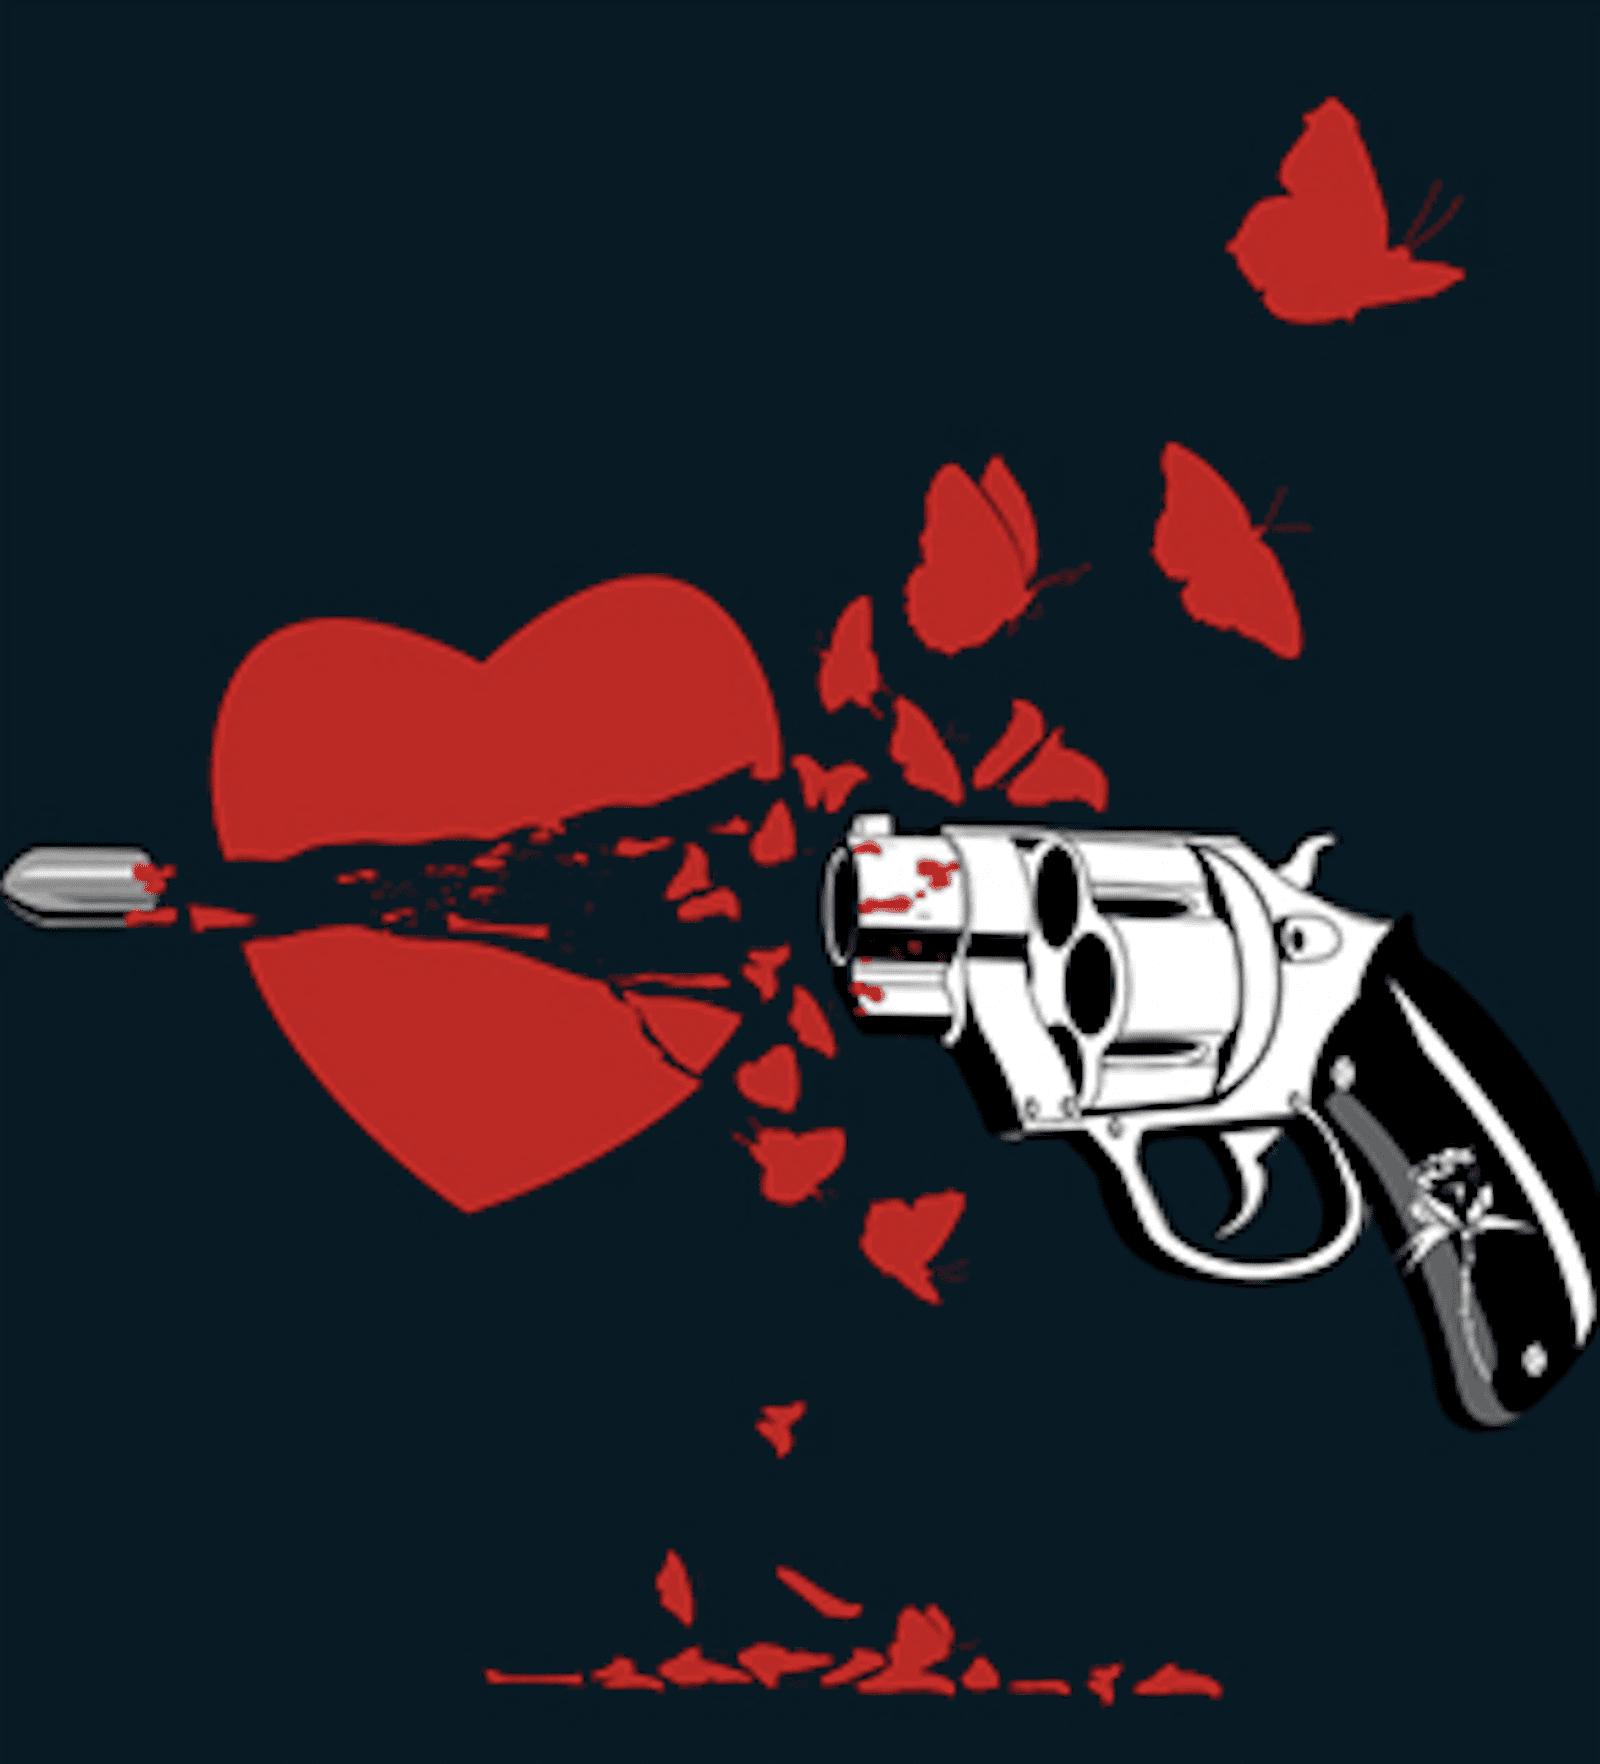 картинки пуля любви которые демонстрируют